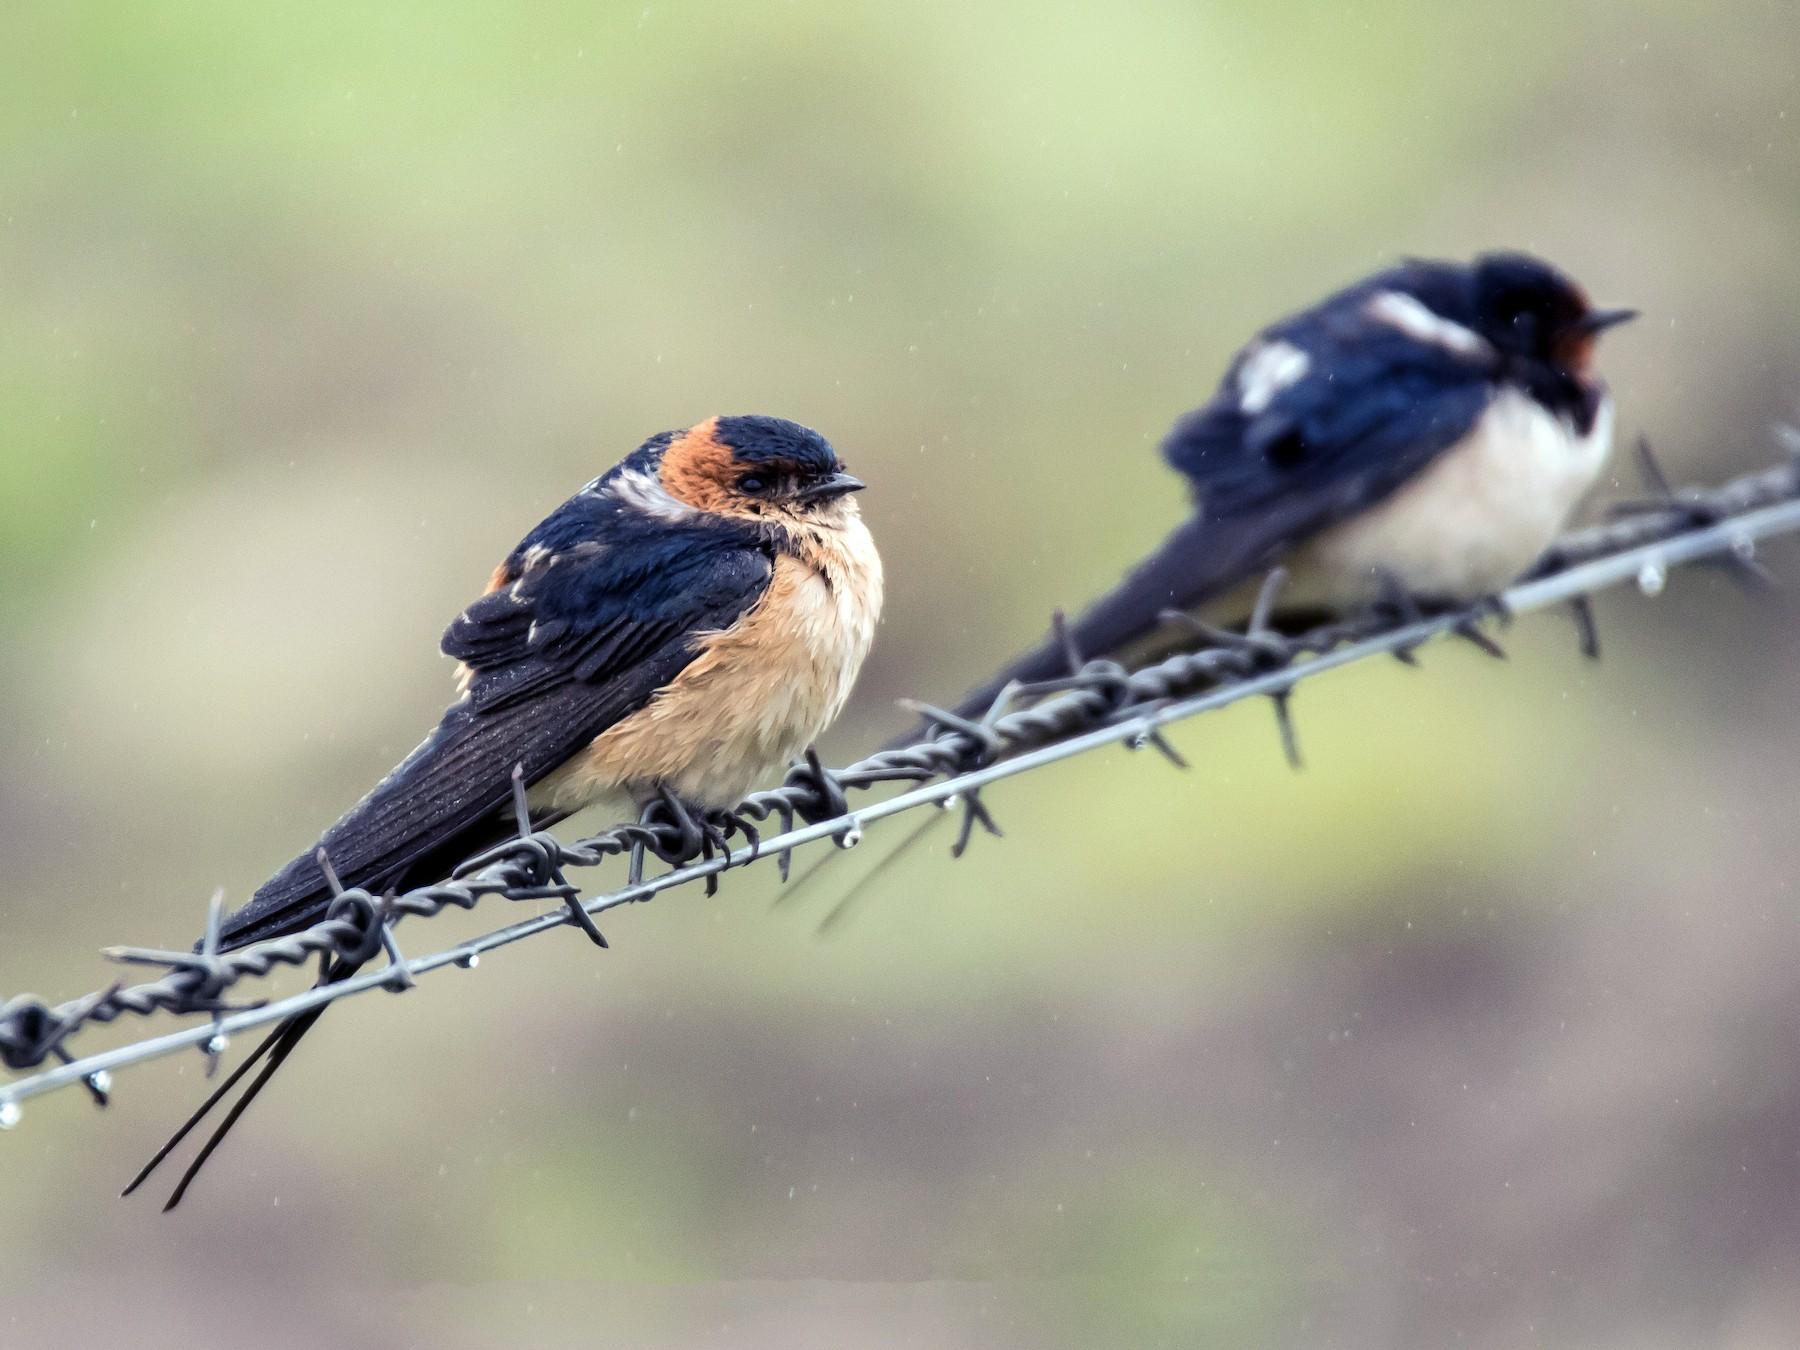 Red-rumped Swallow - Tânia Araújo